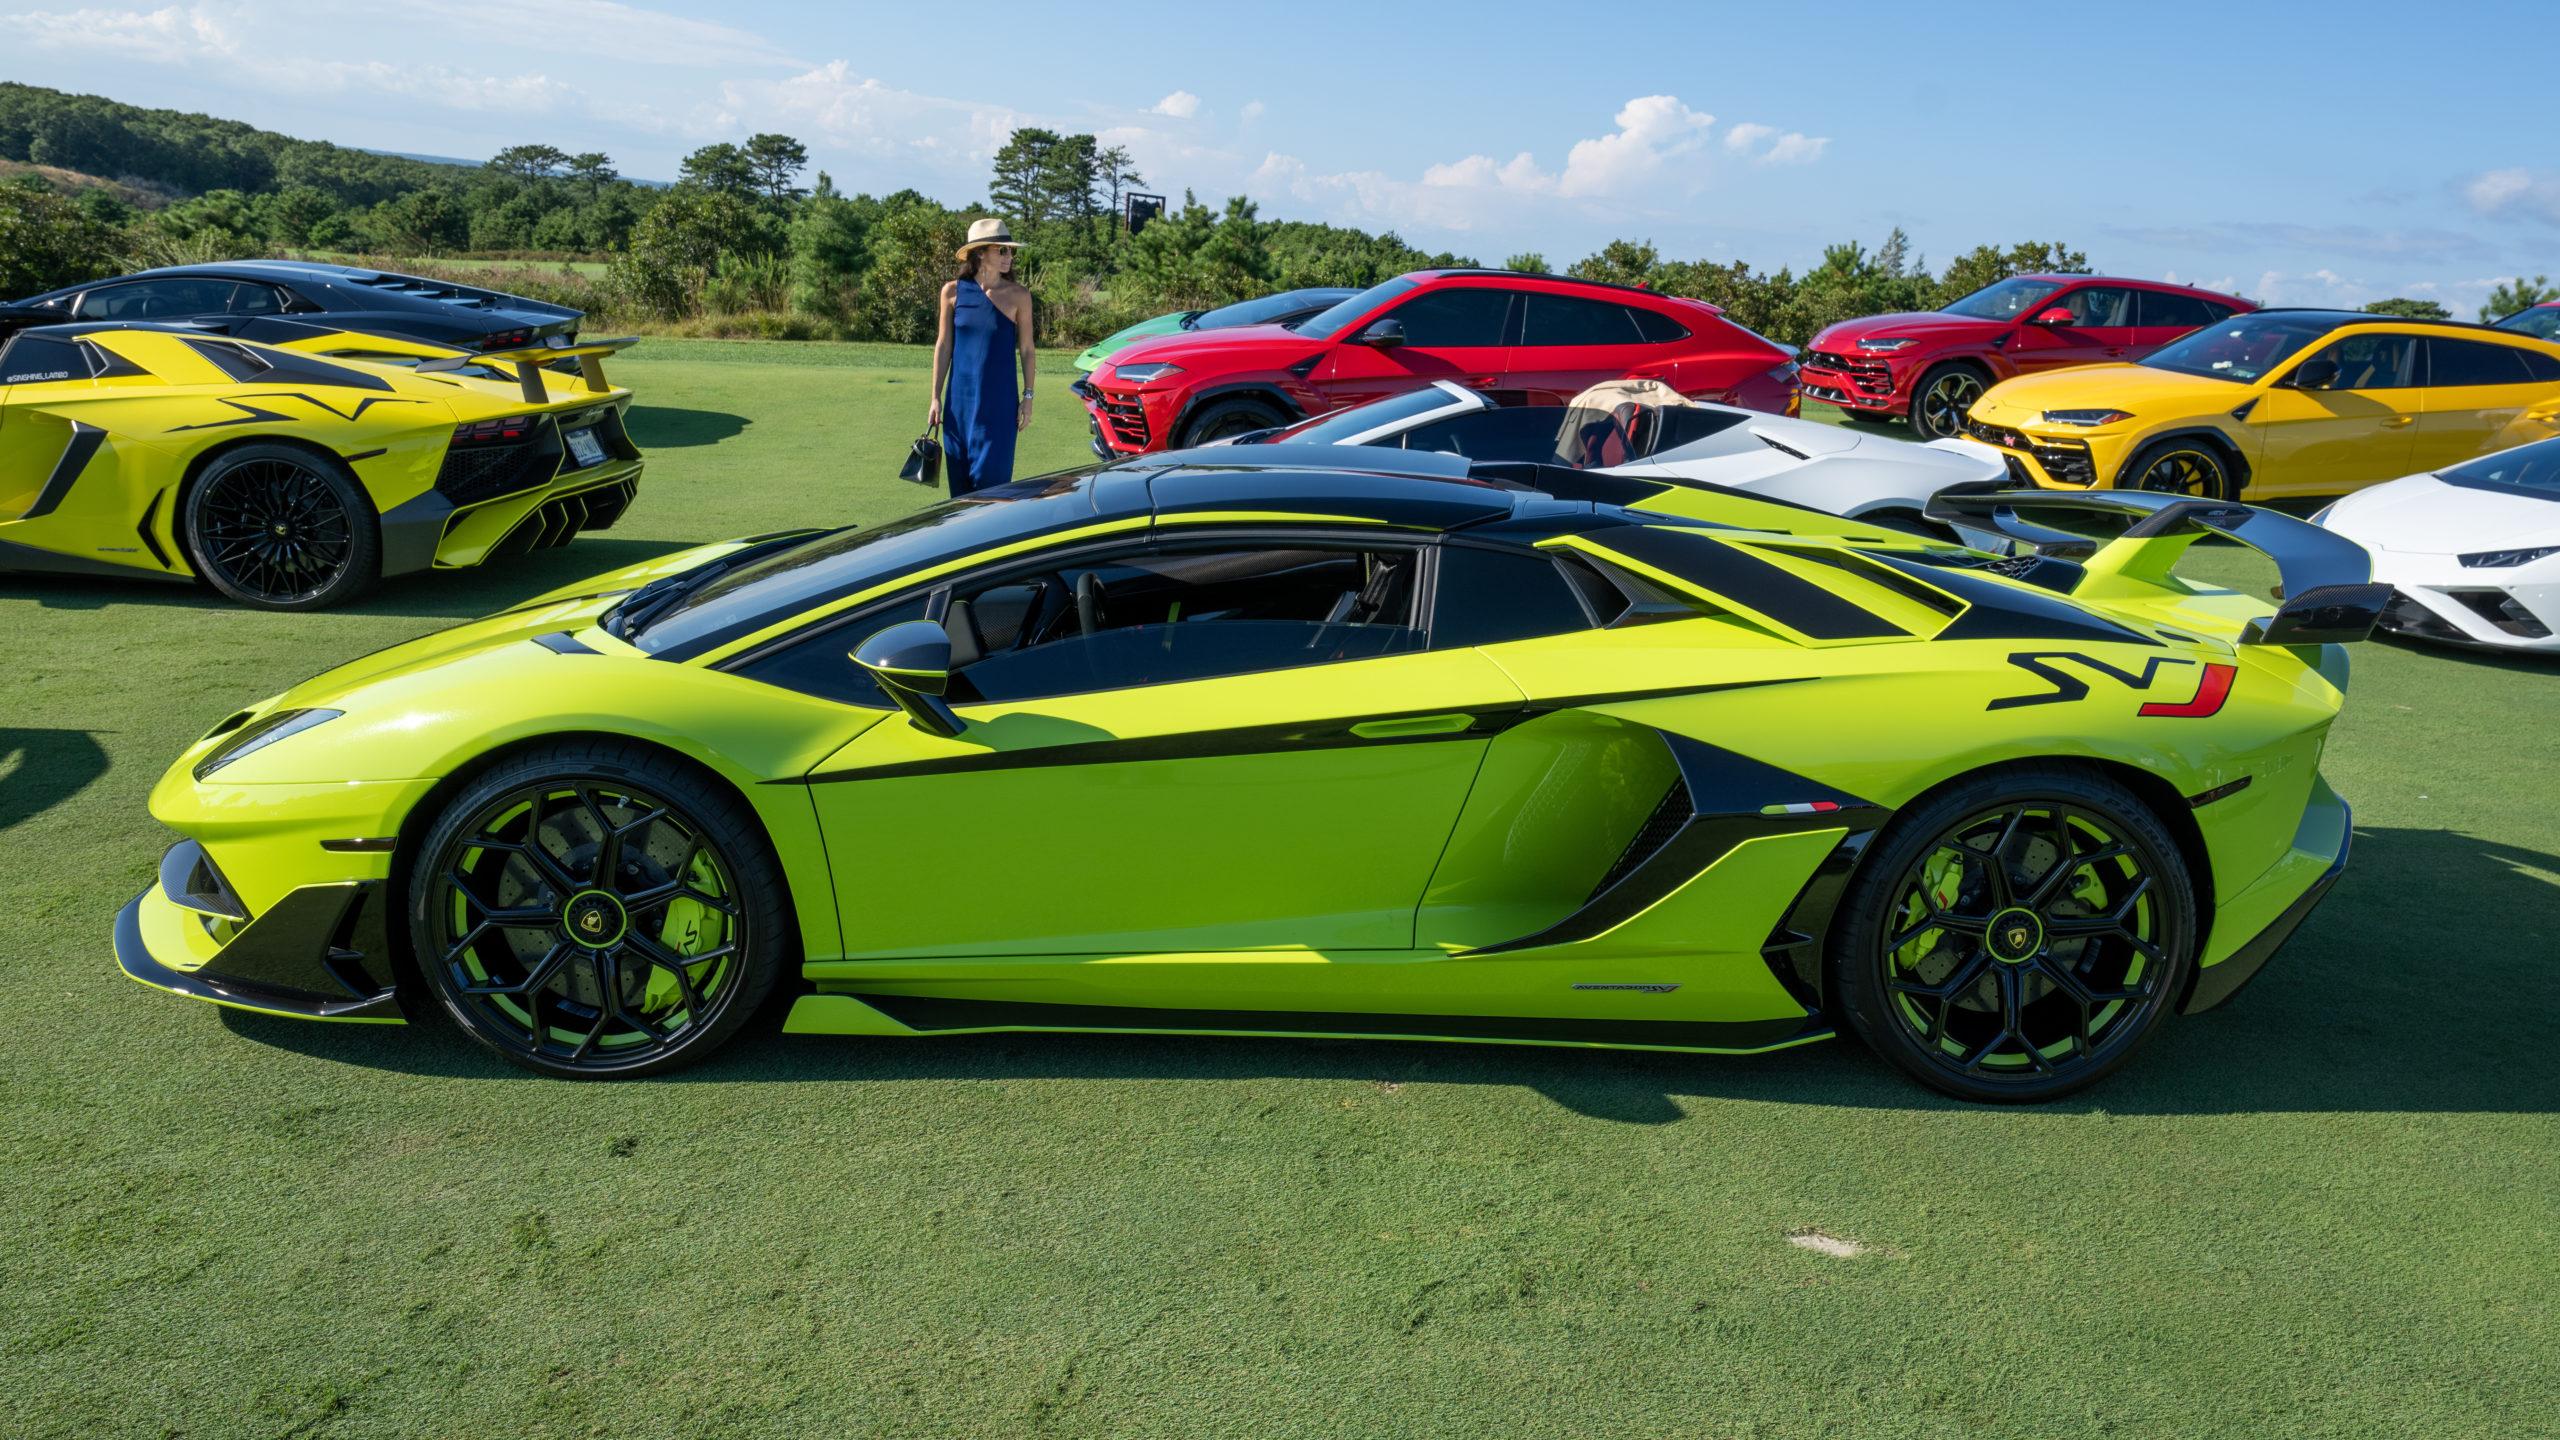 A Lamborghini Aventador SVJ.